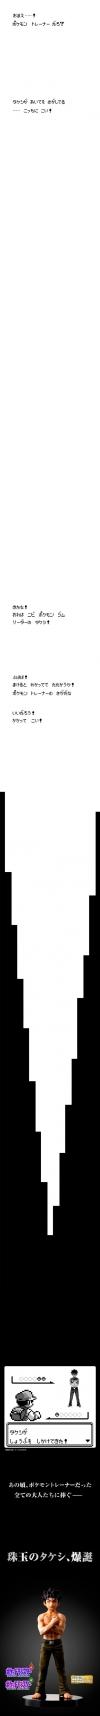 「ファイナルファンタジーVII」フルリメイク版がPS4で発売へ